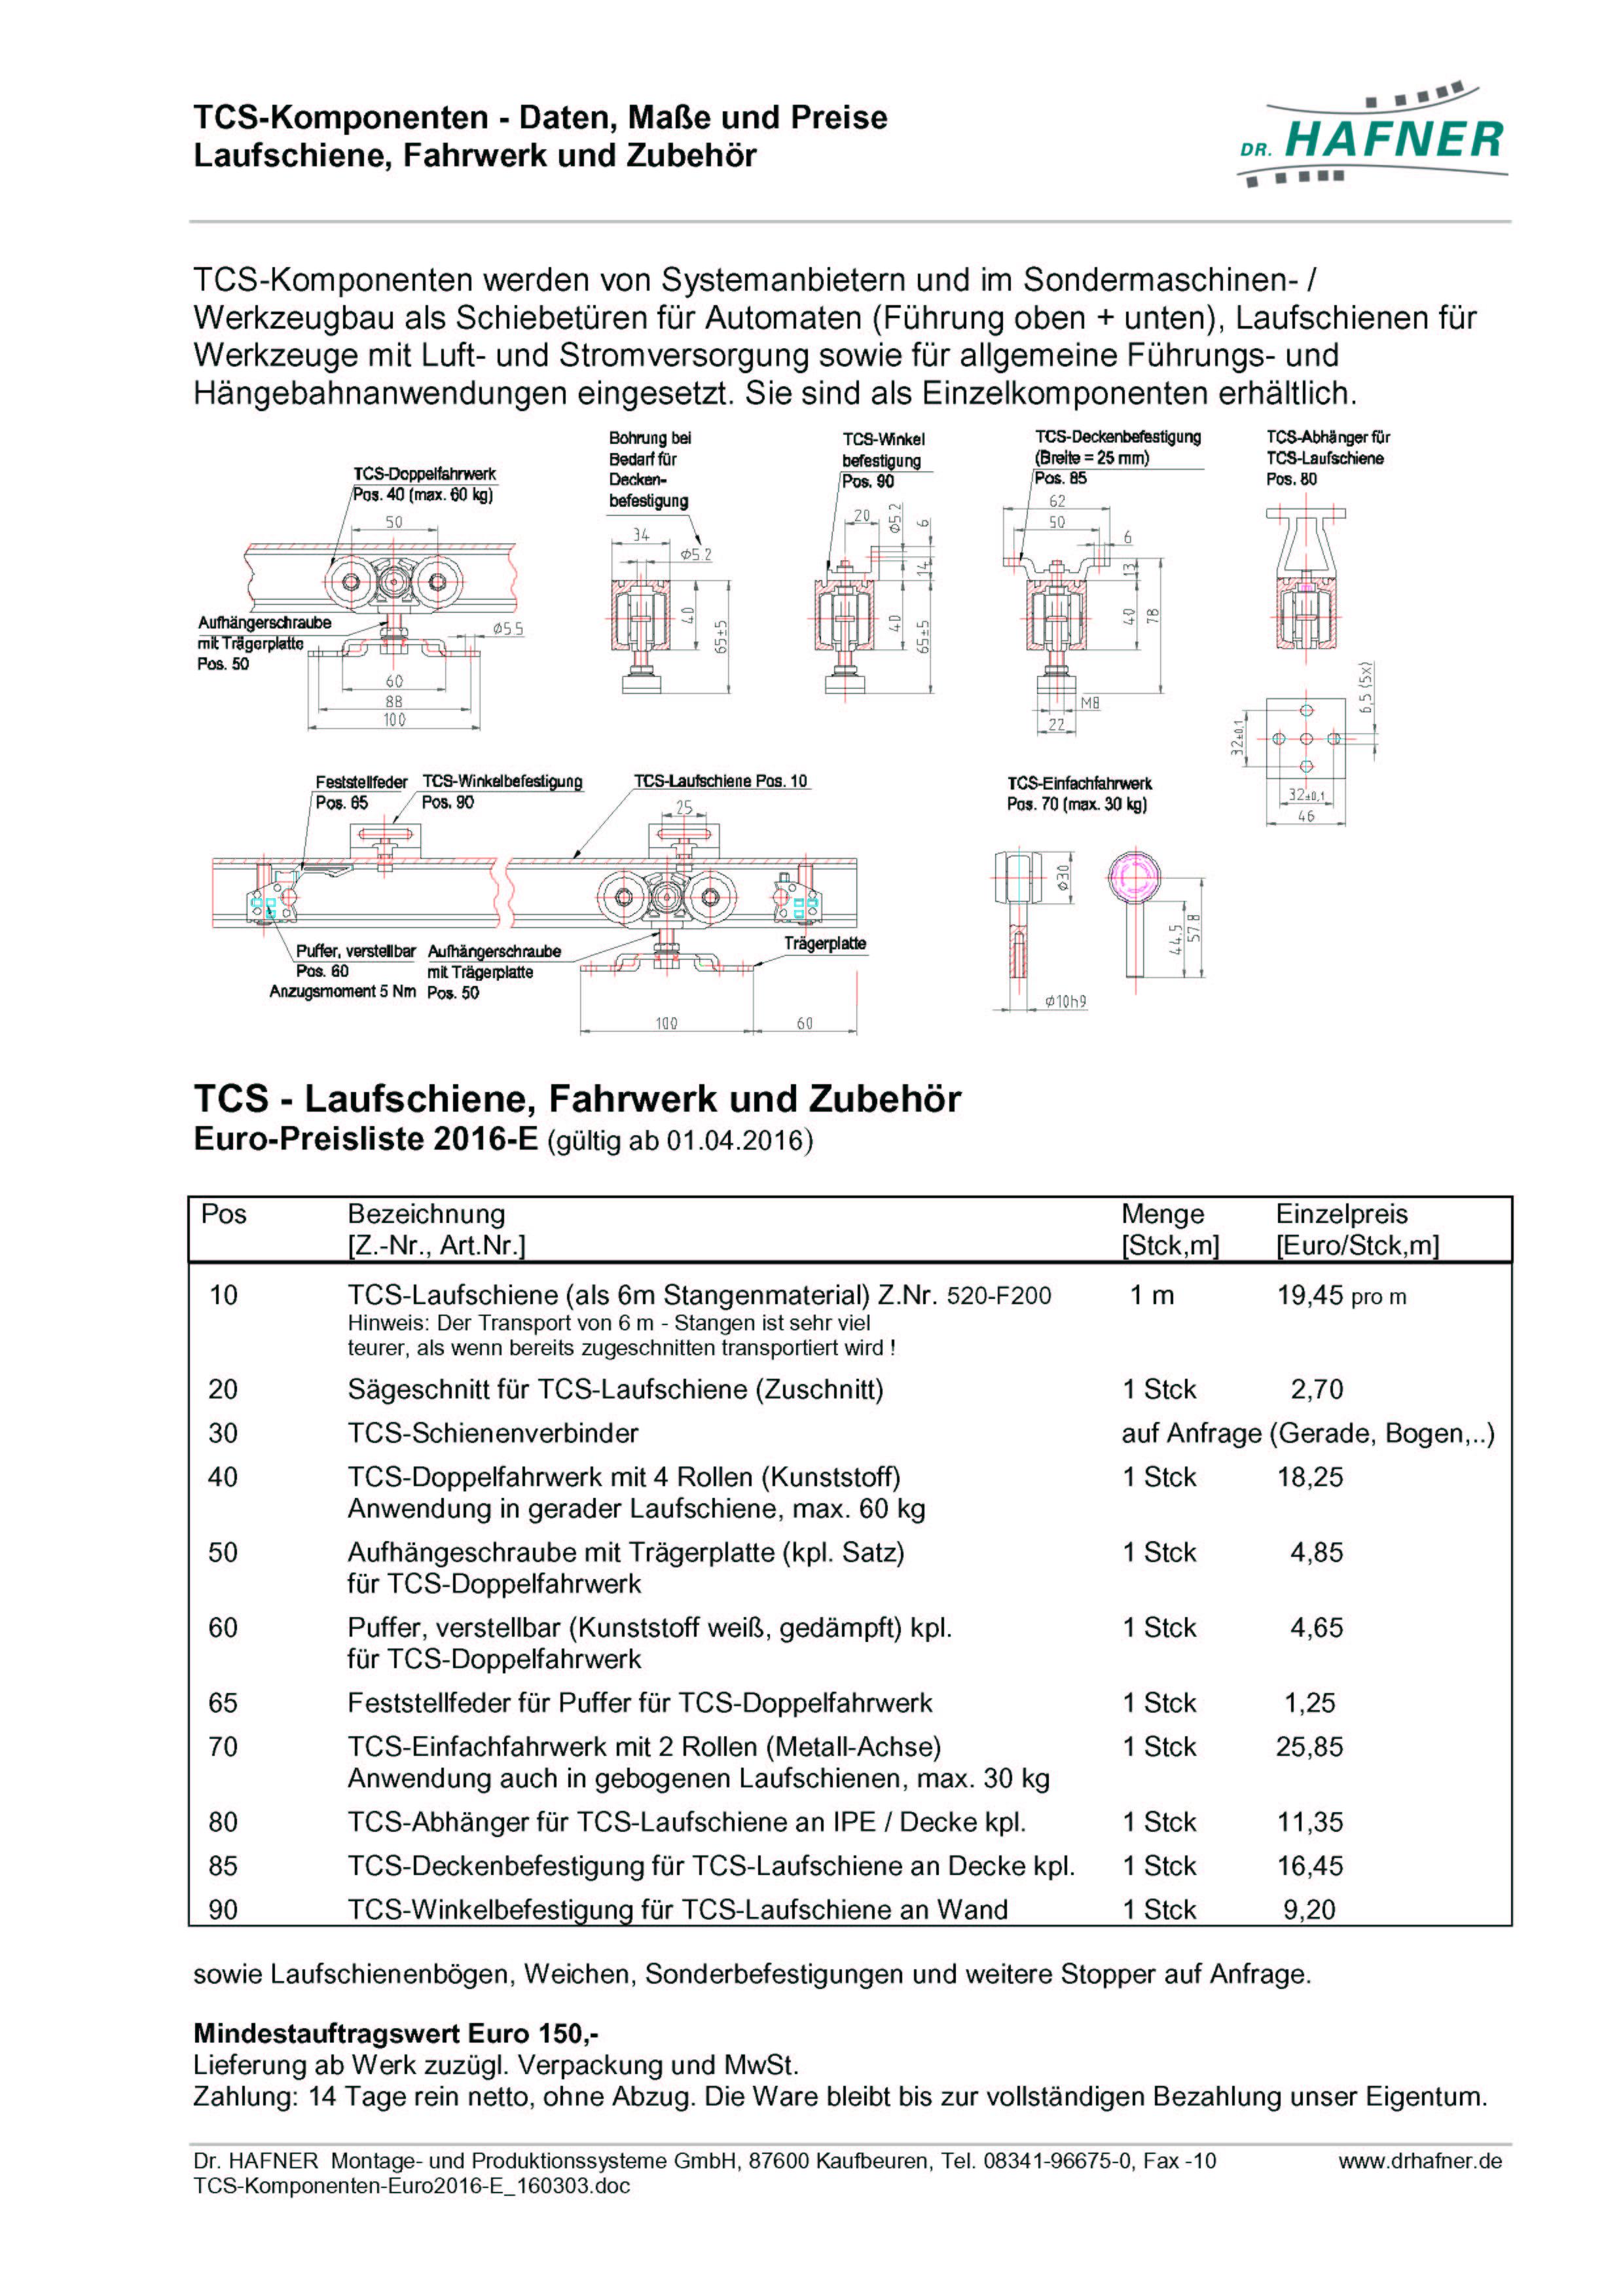 Dr. HAFNER_PKWP_47 Hängebahn Komponenten Laufschiene Zubehör Daten Preise-Euro2016-E_160303